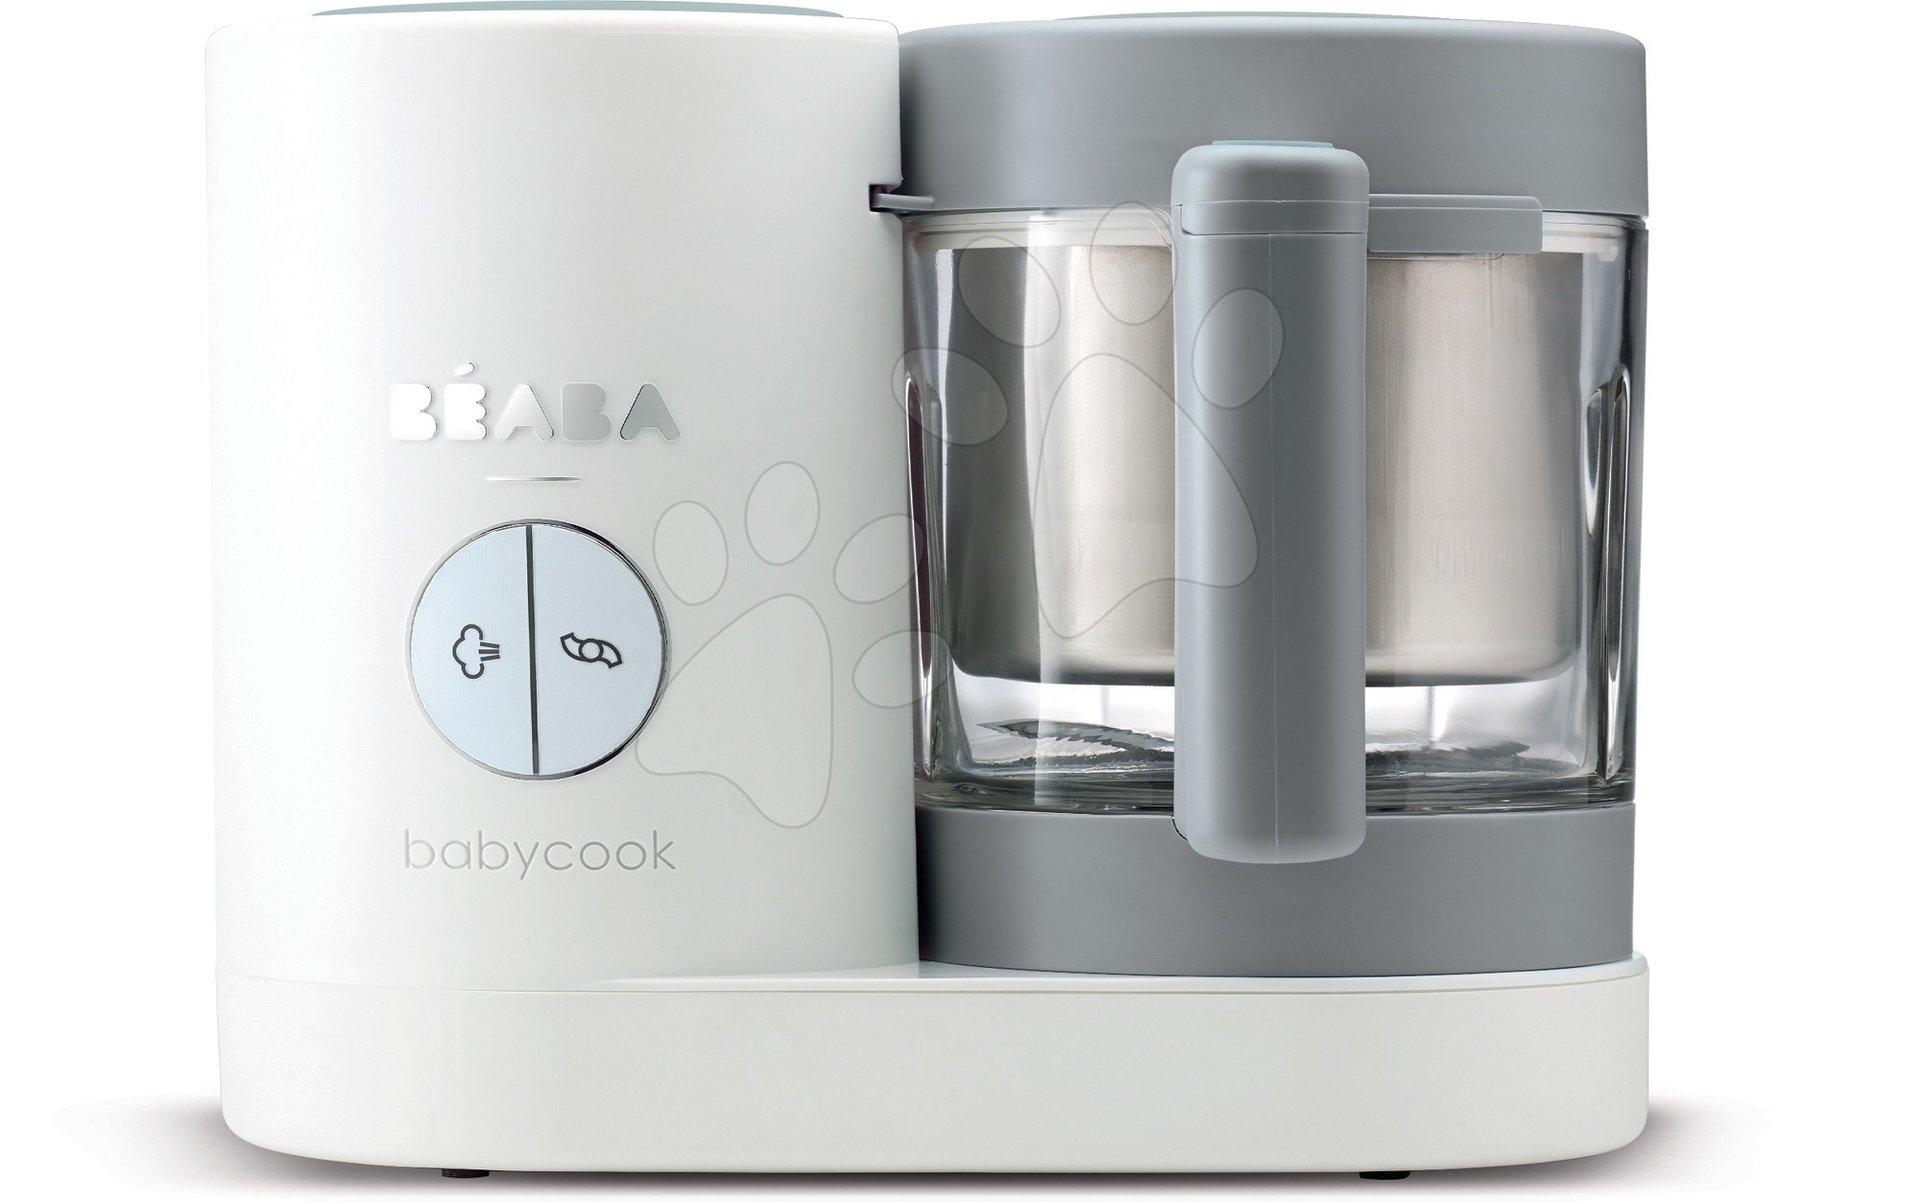 Parný varič a mixér Babycook® Neo Grey White Beaba šedo-strieborný od 0 mesiacov